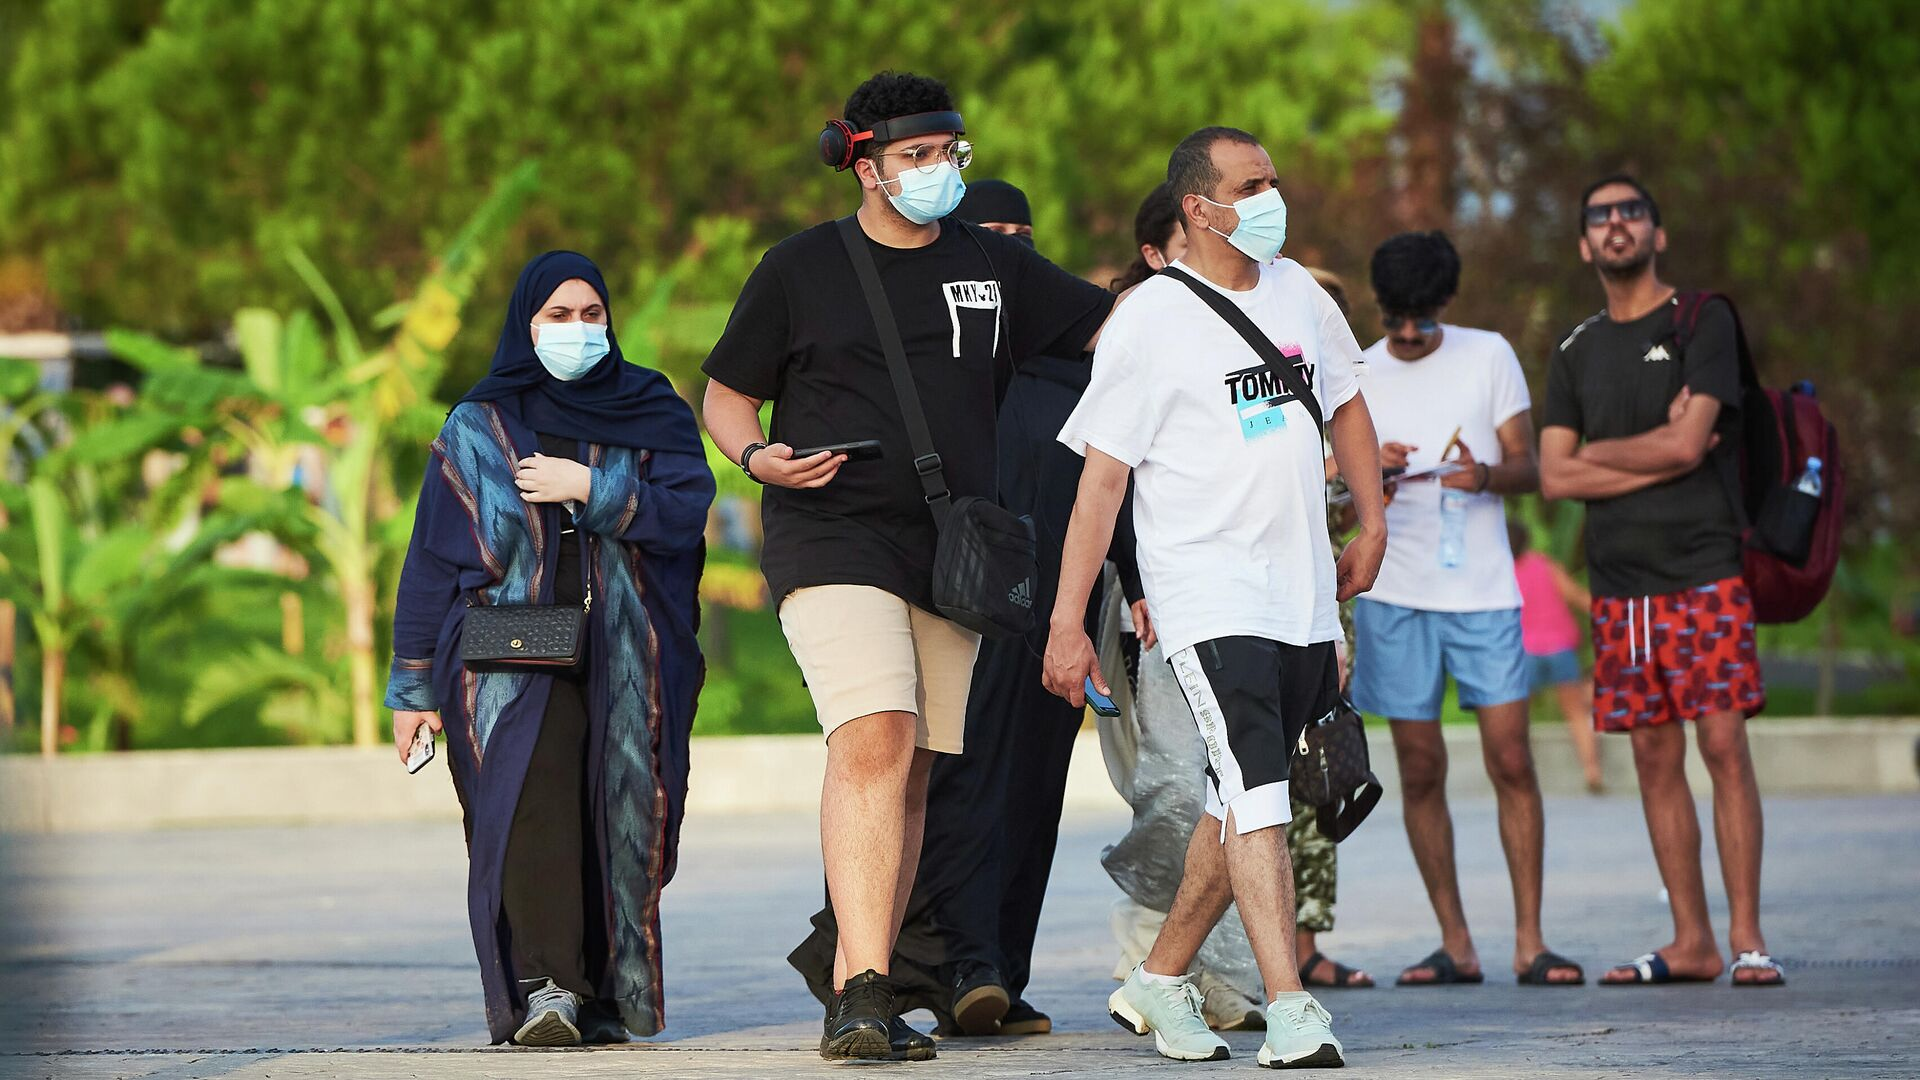 Эпидемия коронавируса - туристы на батумском бульваре в масках - Sputnik Грузия, 1920, 06.09.2021